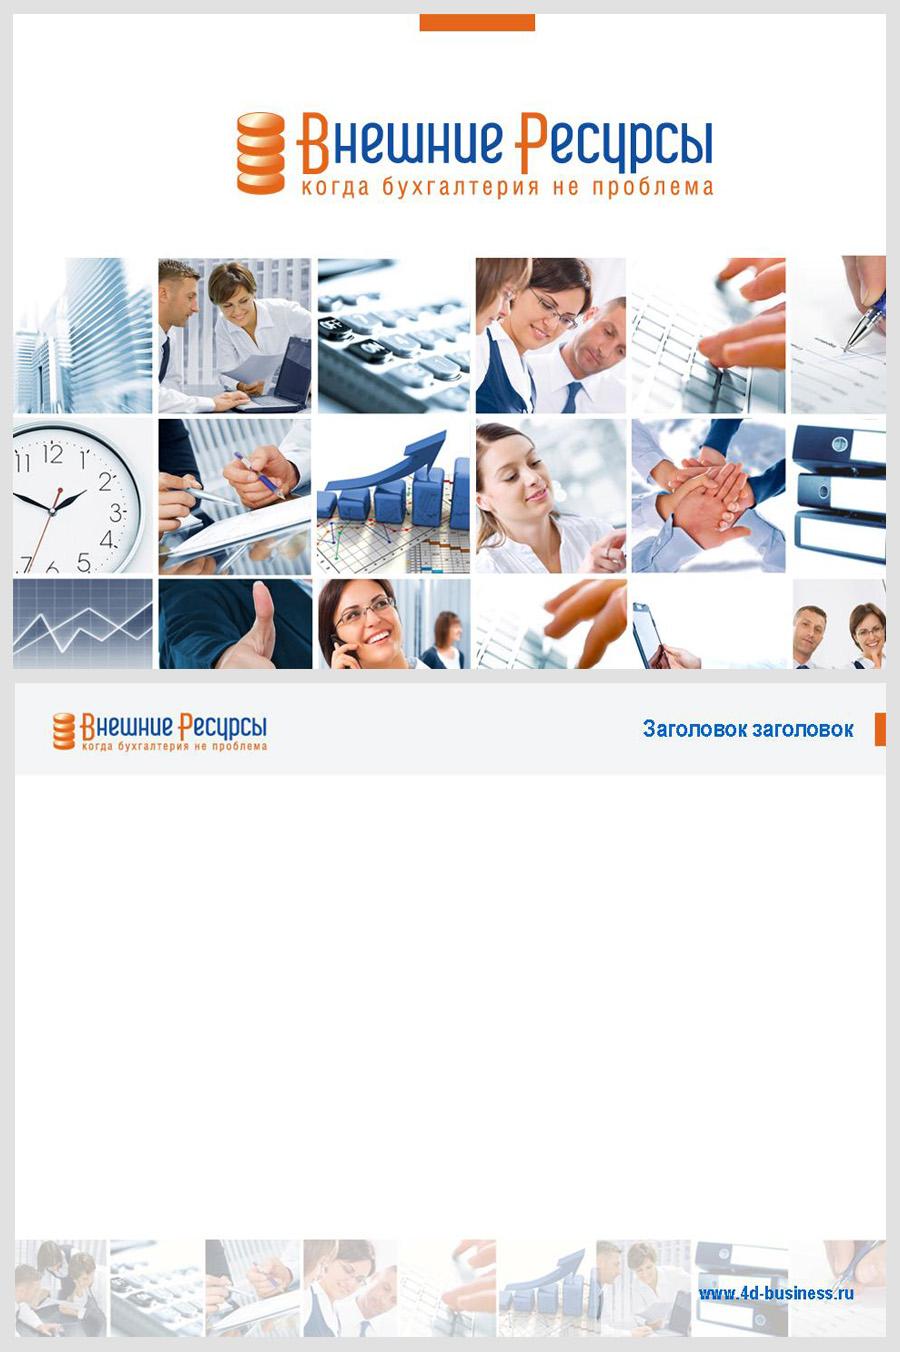 Шаблон презентации для фирмы Внешние Ресурсы